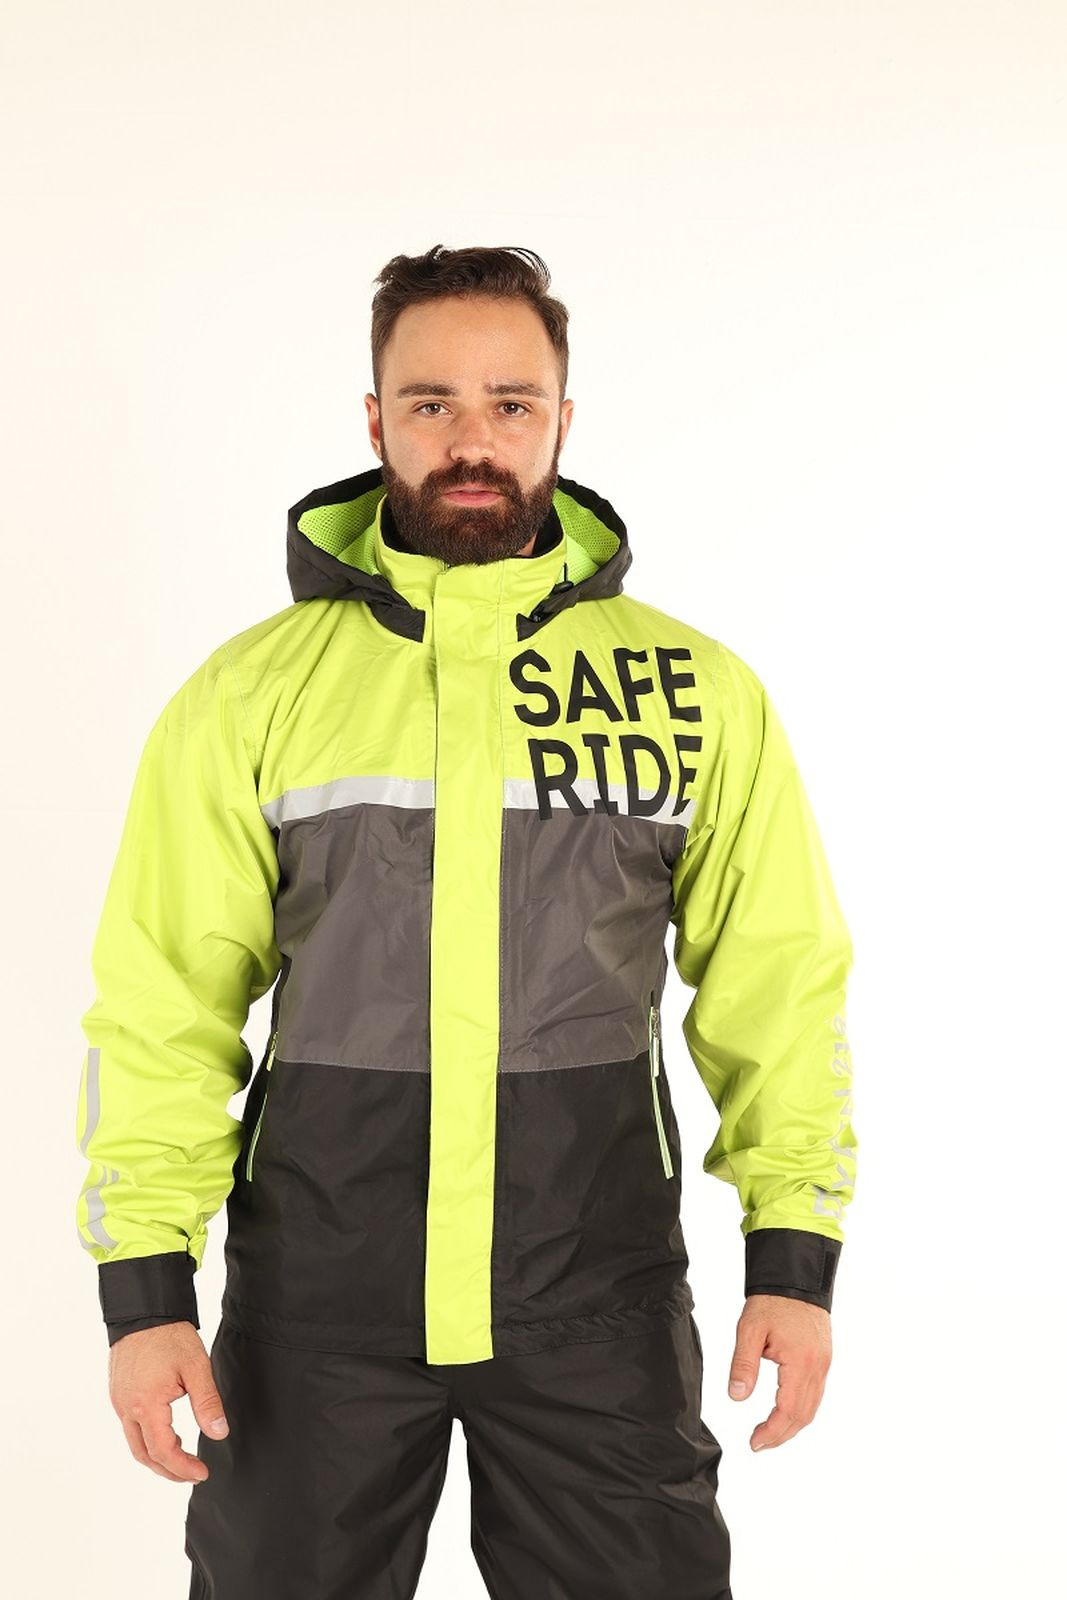 купить Мотодождевик мужской Starks Dry Rain, LC0083, светло-зеленый, размер XL по цене 4990 рублей